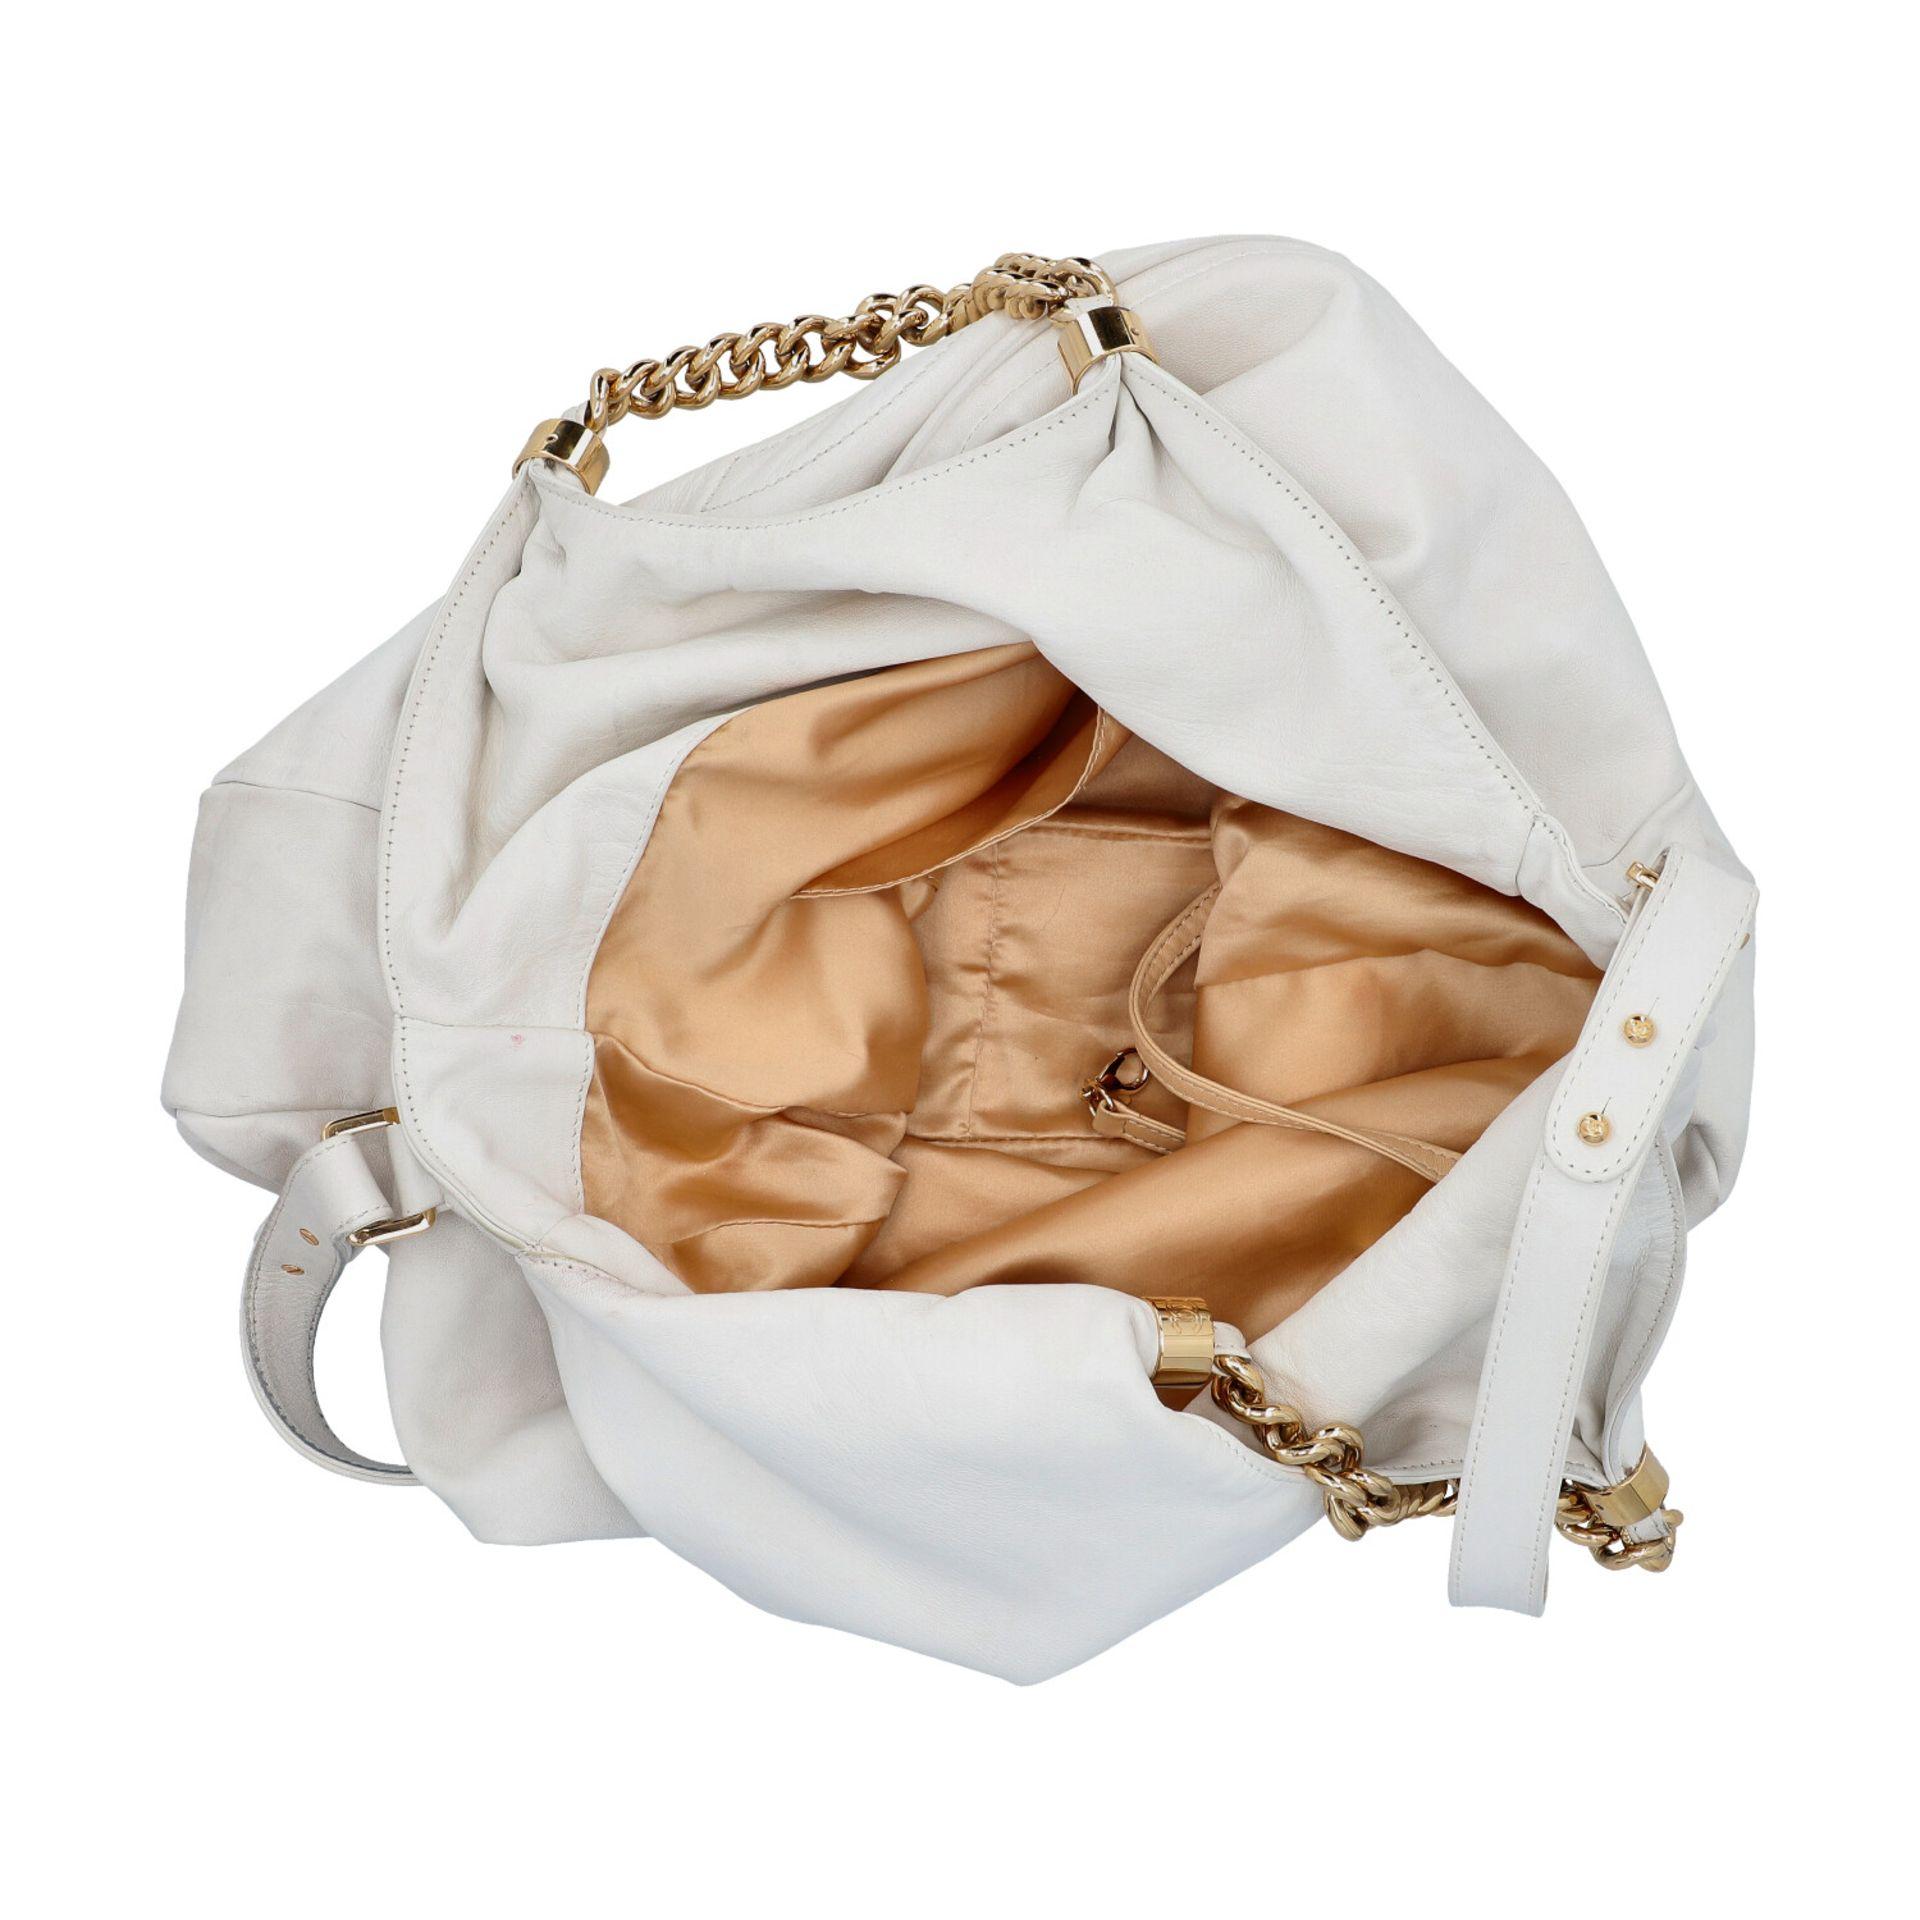 CHANEL Shoppertasche, Koll. 2006/2008.Hobo Bag aus weißem Leder mit goldfarbener Hardware, Front mit - Bild 6 aus 8